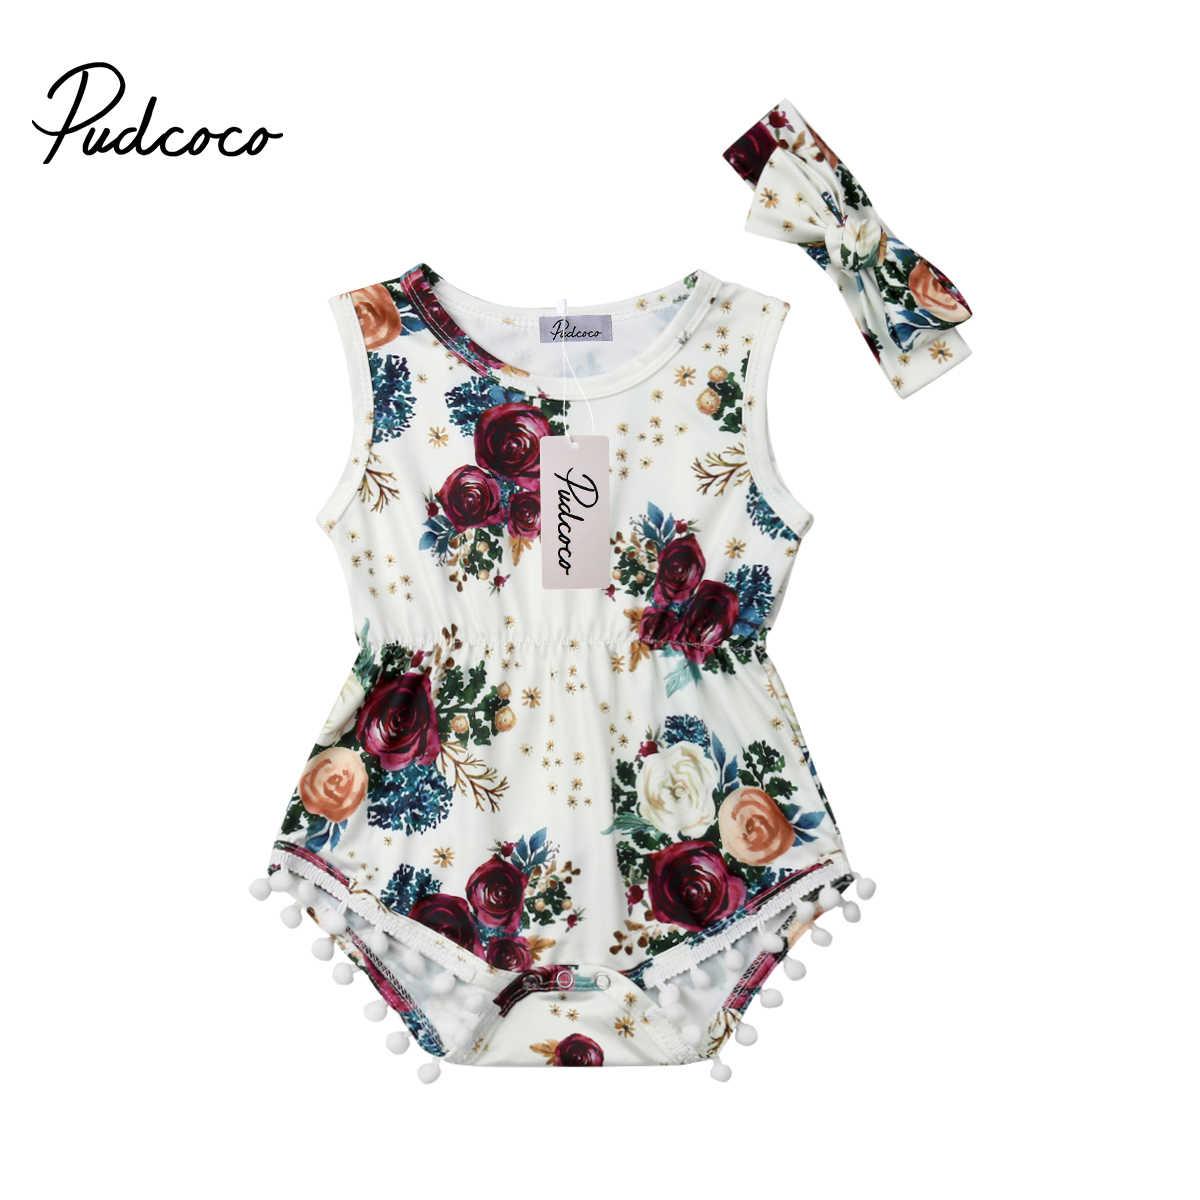 2019 الصيف الطفل الفتيات رومبير مٌزين بنقشة الزهور بذلة وتتسابق العصابة ملابس ل حديثي الولادة طفلة الأطفال الرضع القماش طفل الملابس